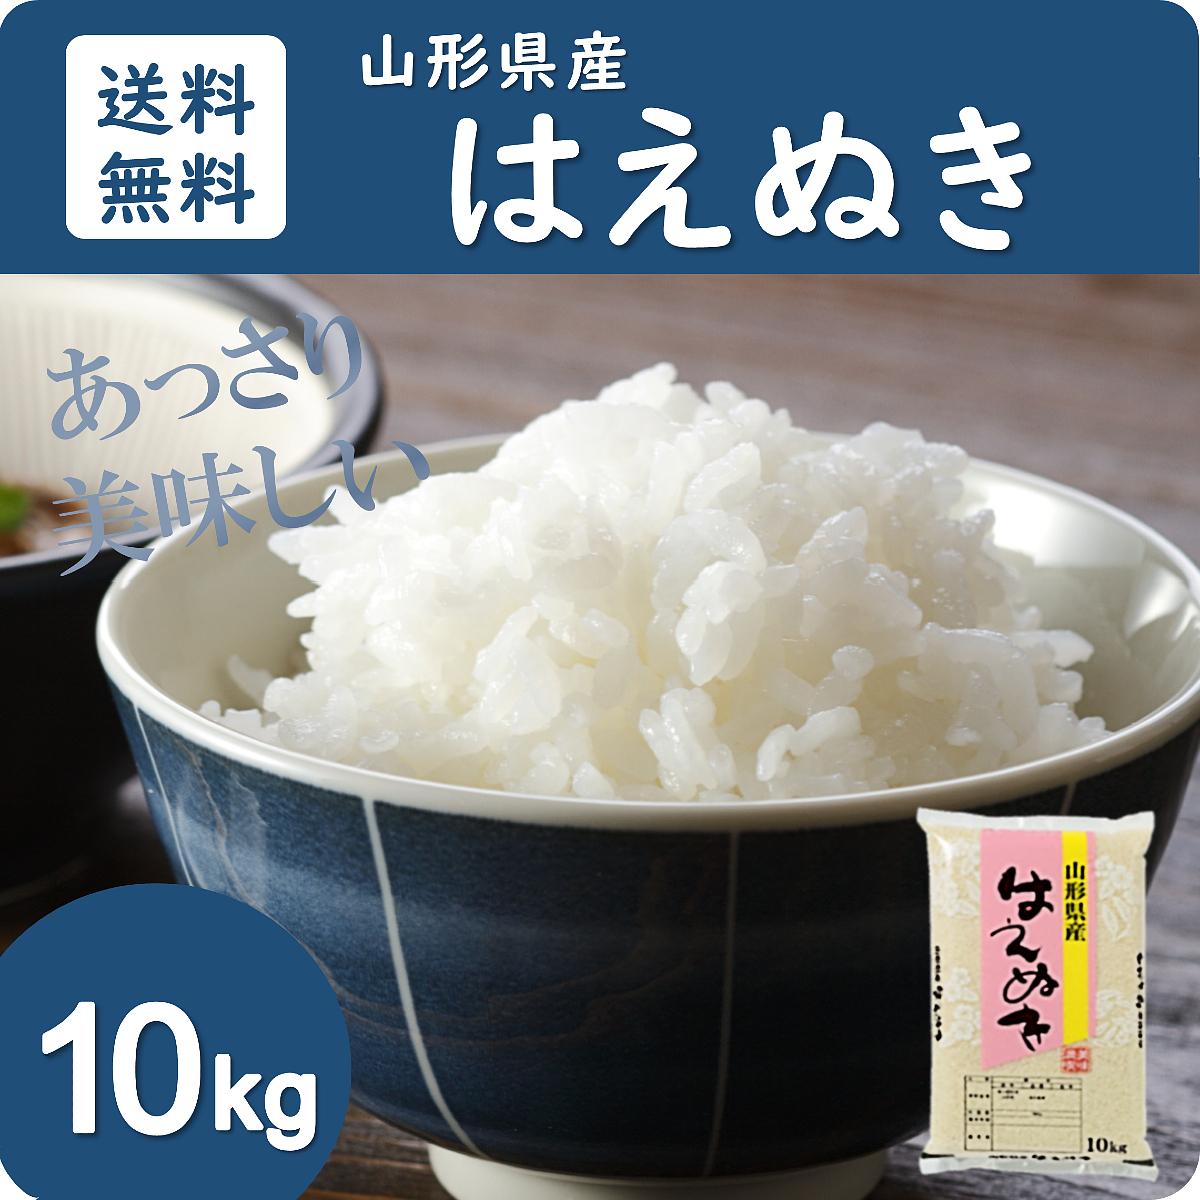 米 お米 10kg 山形県産 はえぬき 令和2年産 送料無料 玄米 白米 精米無料 一等米_画像1